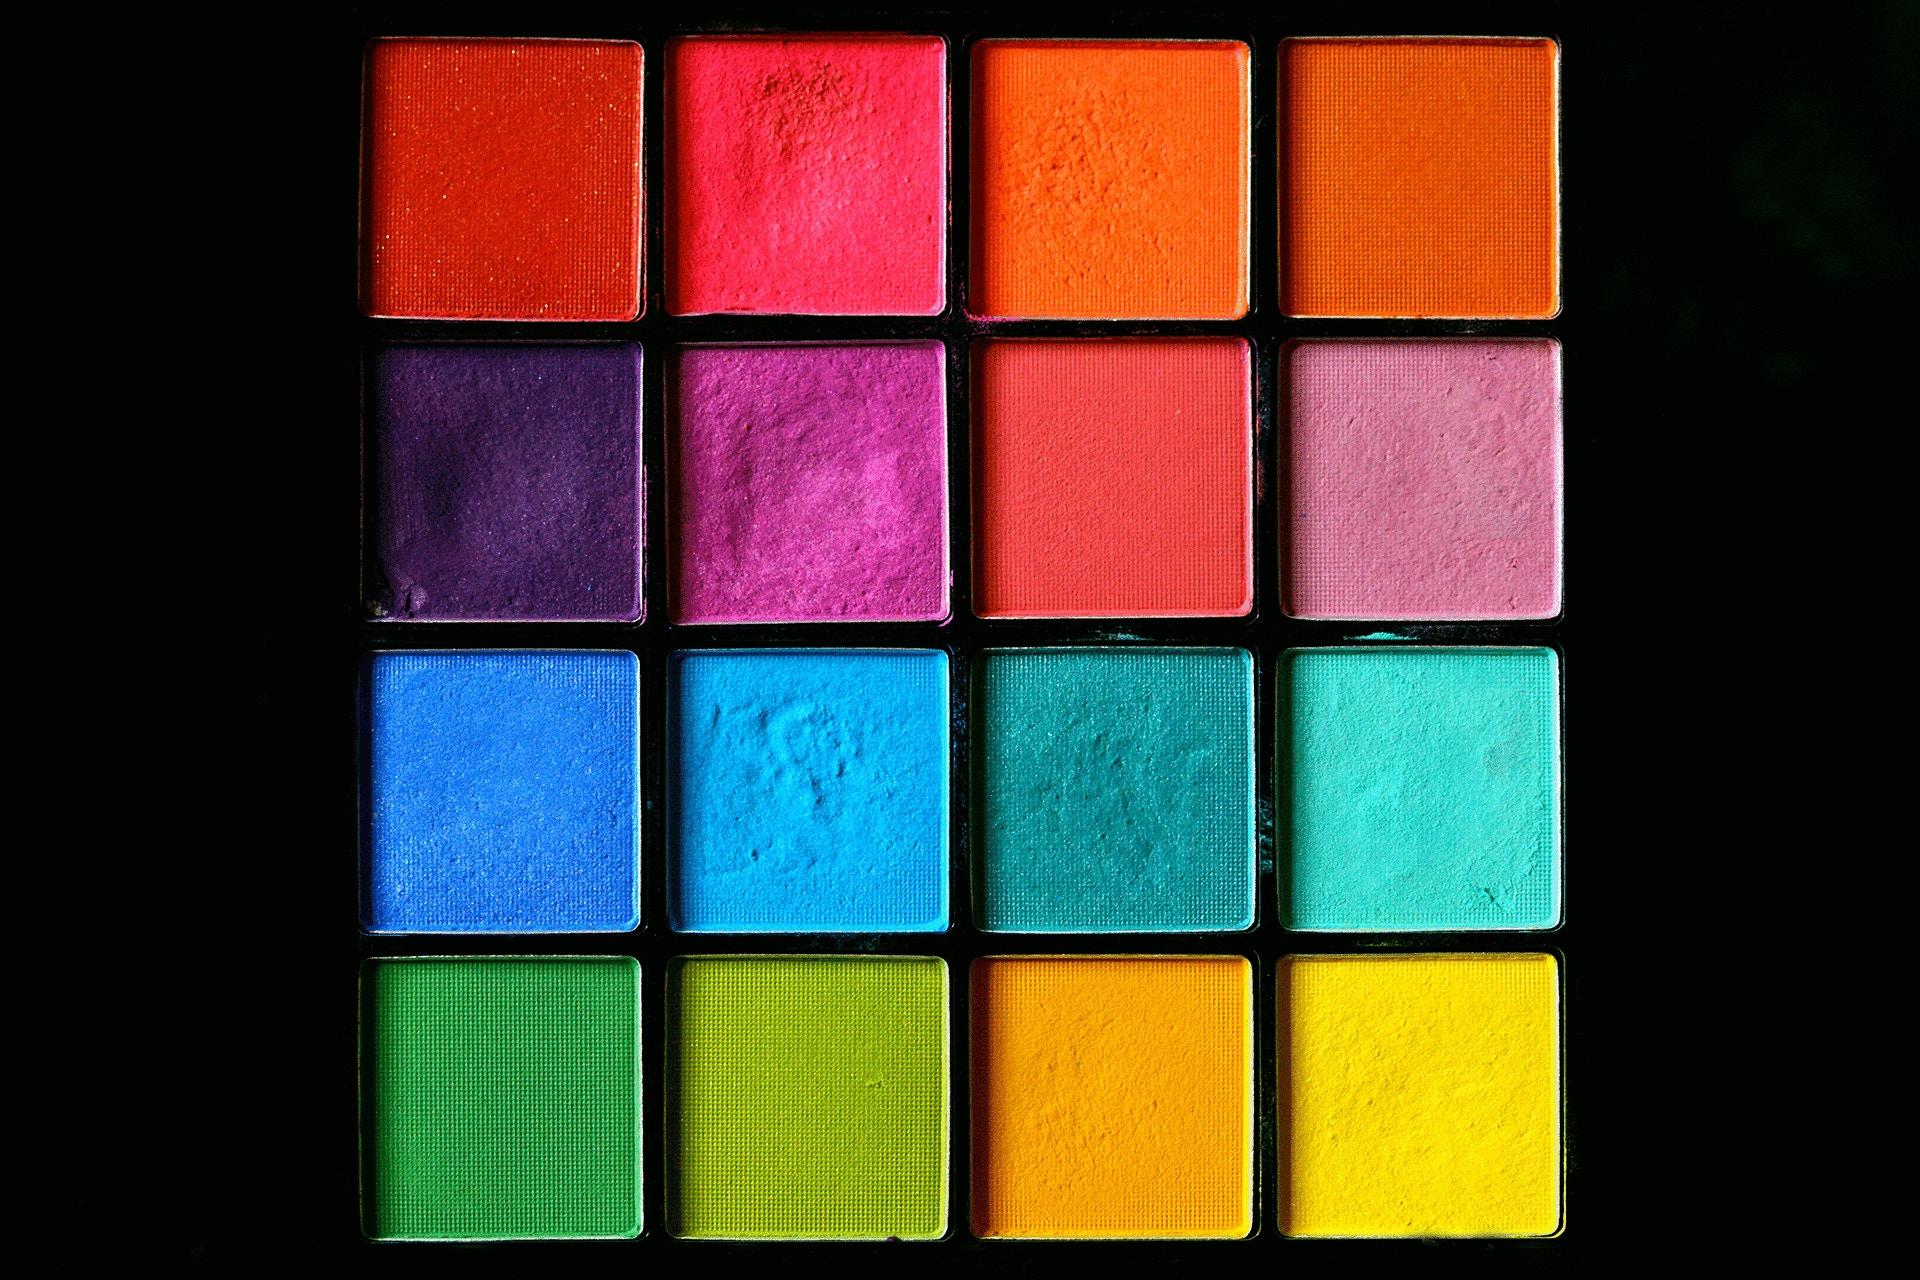 Foto einer bunten Makeup-Palette